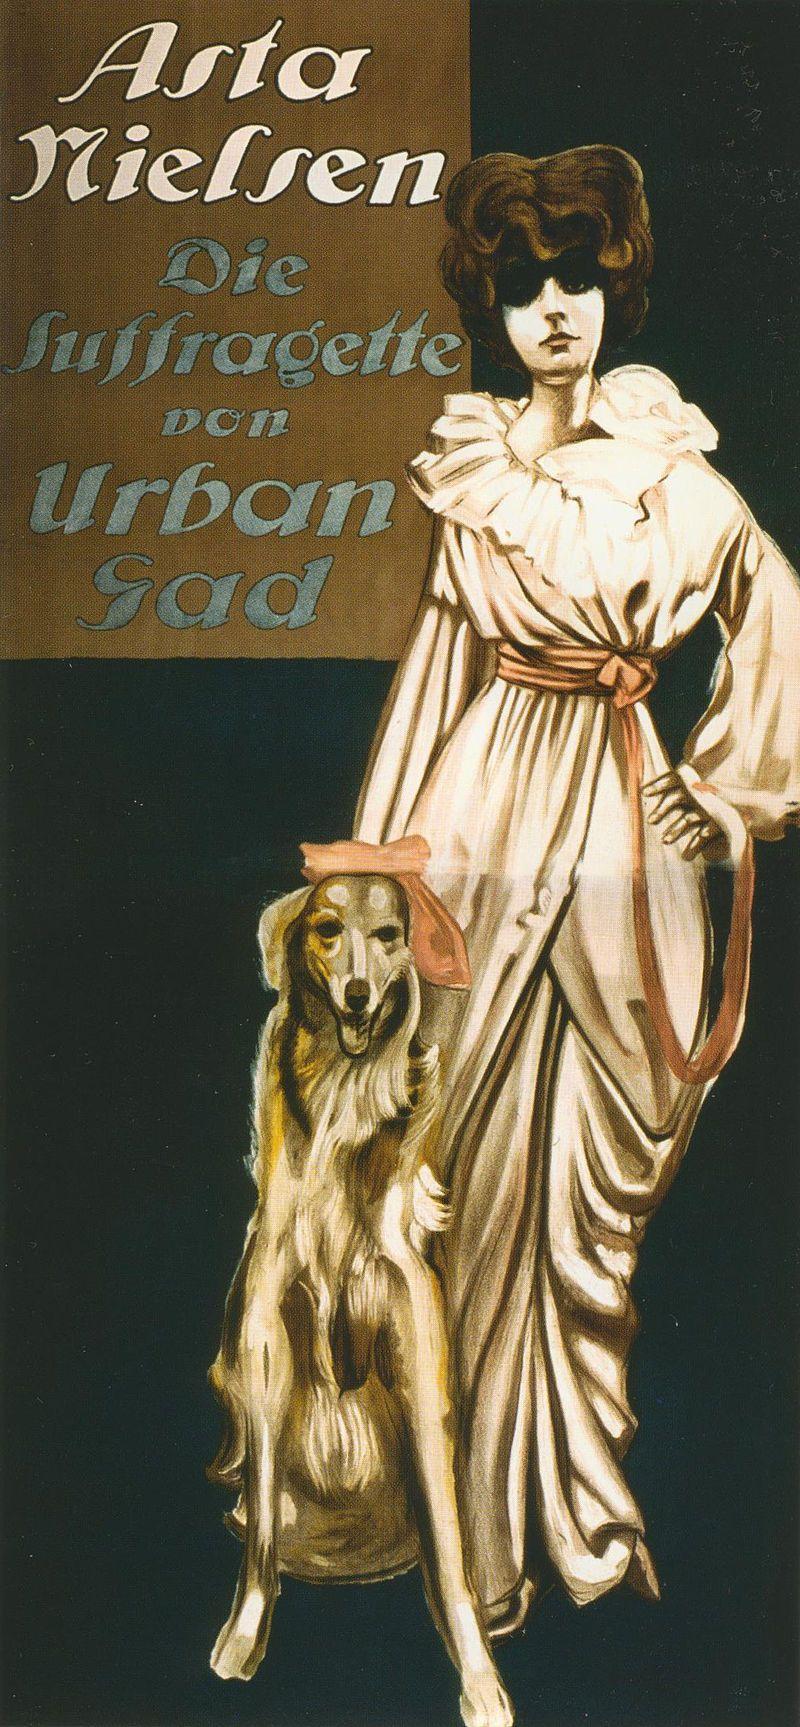 Filmposter zu Urban Gads Die Suffragette (1913), gezeichnet von Ernst Deutsch-Dryden; Hauptrolle Asta Nielsen, neben ihr ein Barsoi.